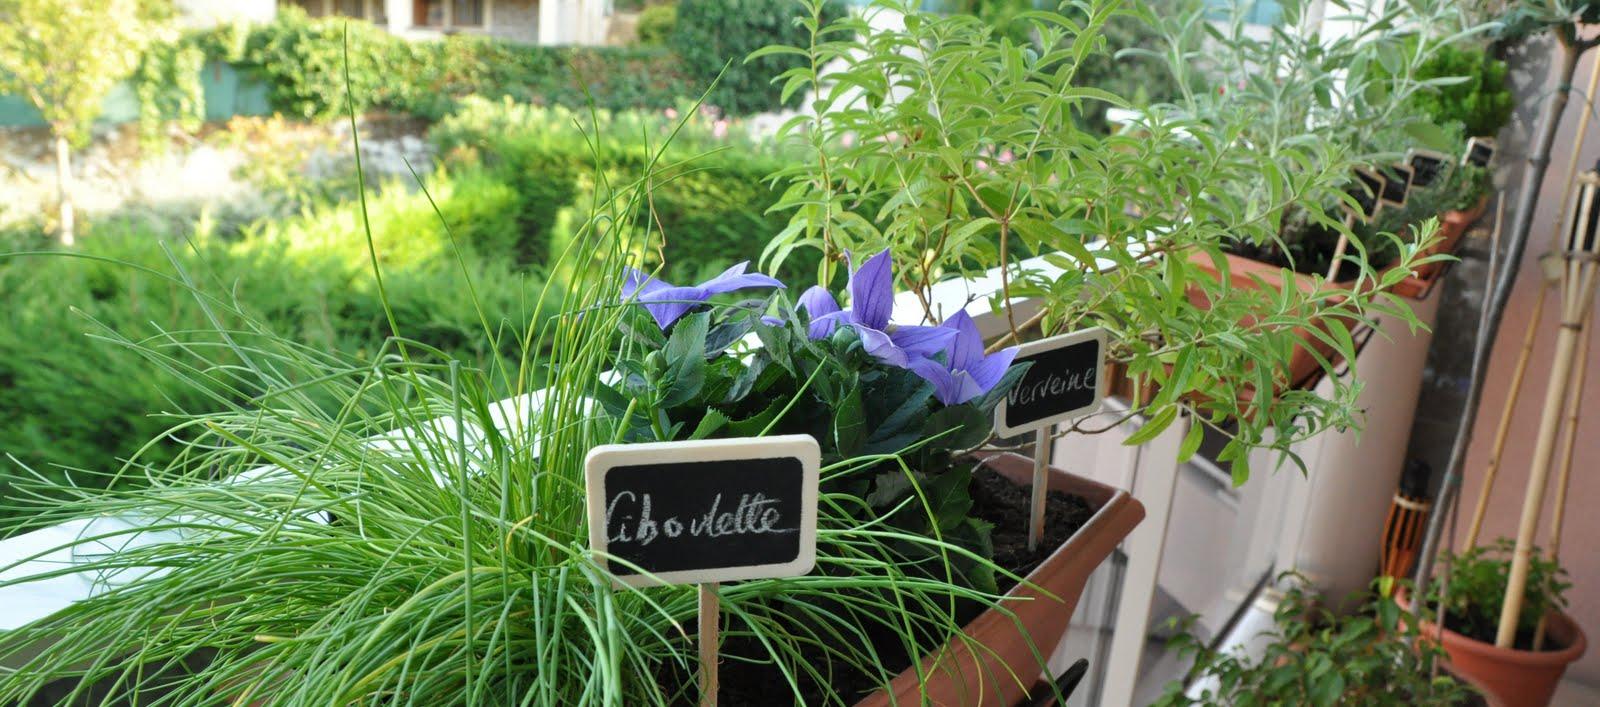 Au comptoir de m que cuisiner avec ces herbes aromatiques - Cuisiner avec la sauge ...